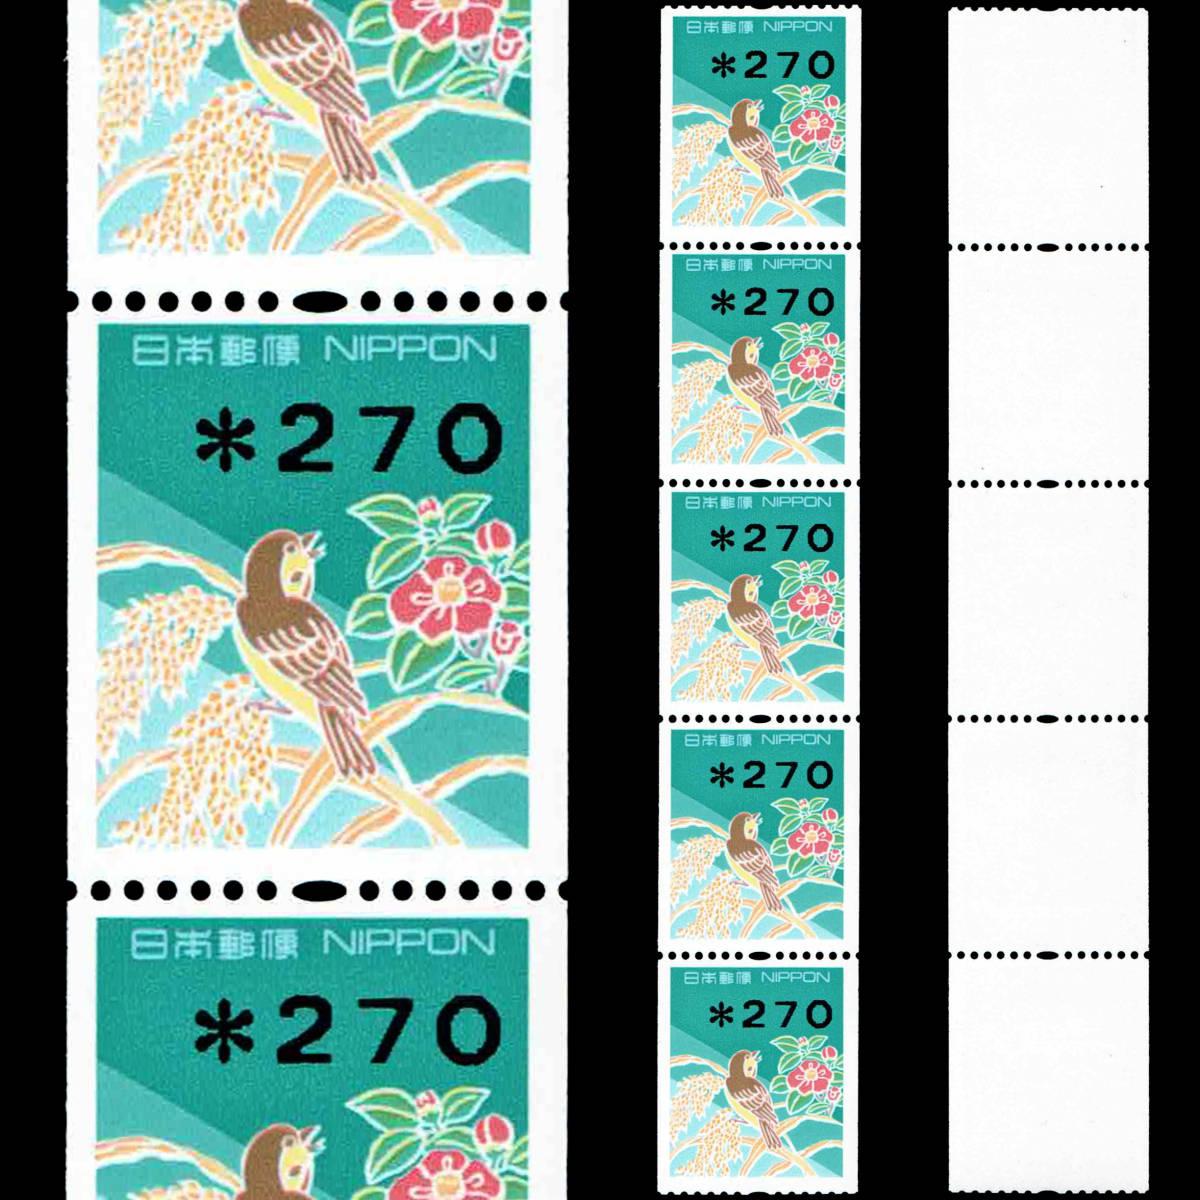 エラー切手 270円 誤印字 コイル切手 5枚連 未使用切手 _画像1